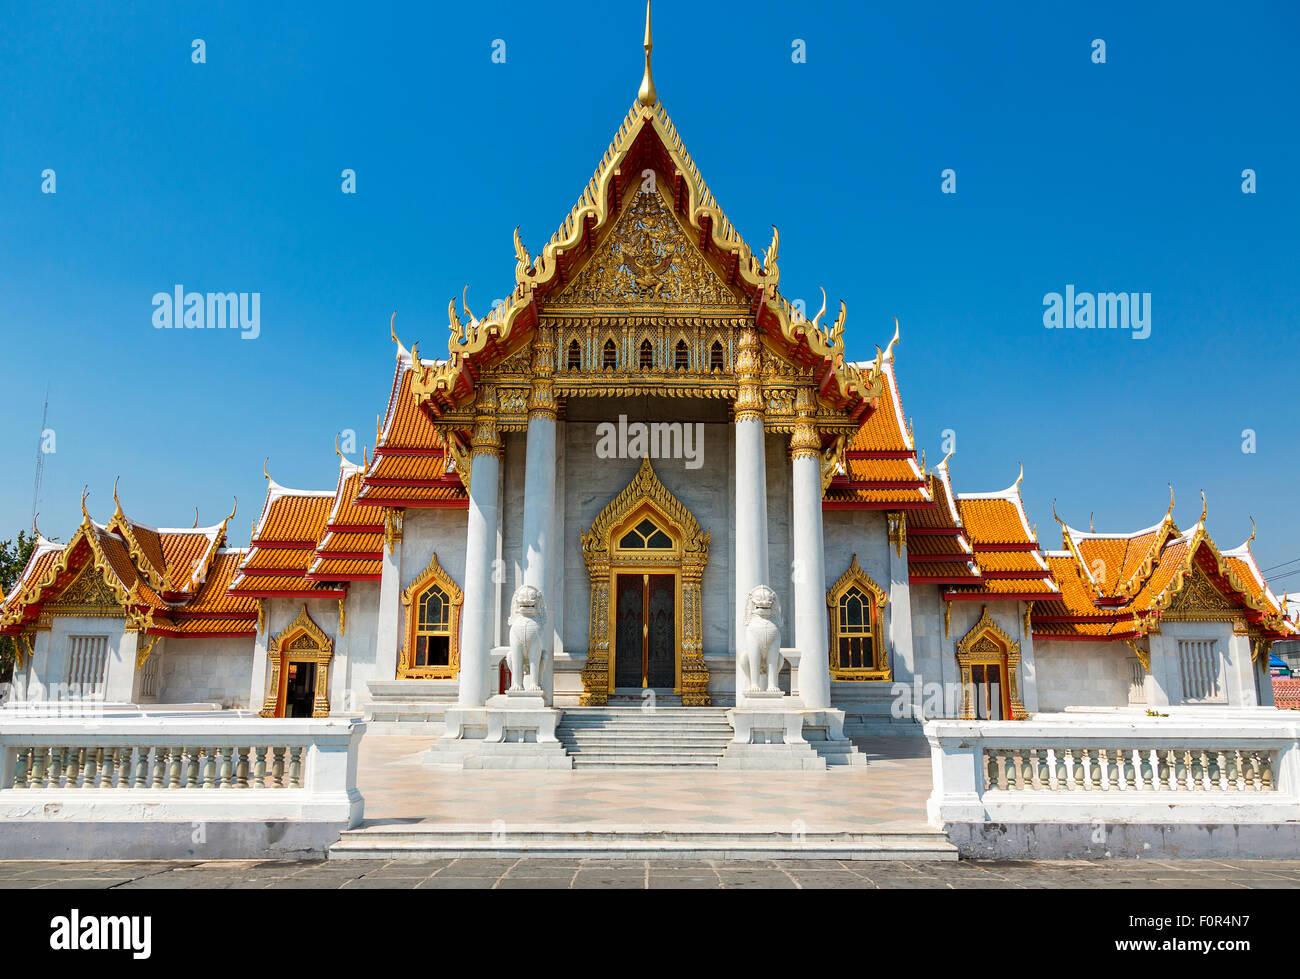 Thailand, Bangkok, Wat Benchamabophit (marble temple) - Stock Image